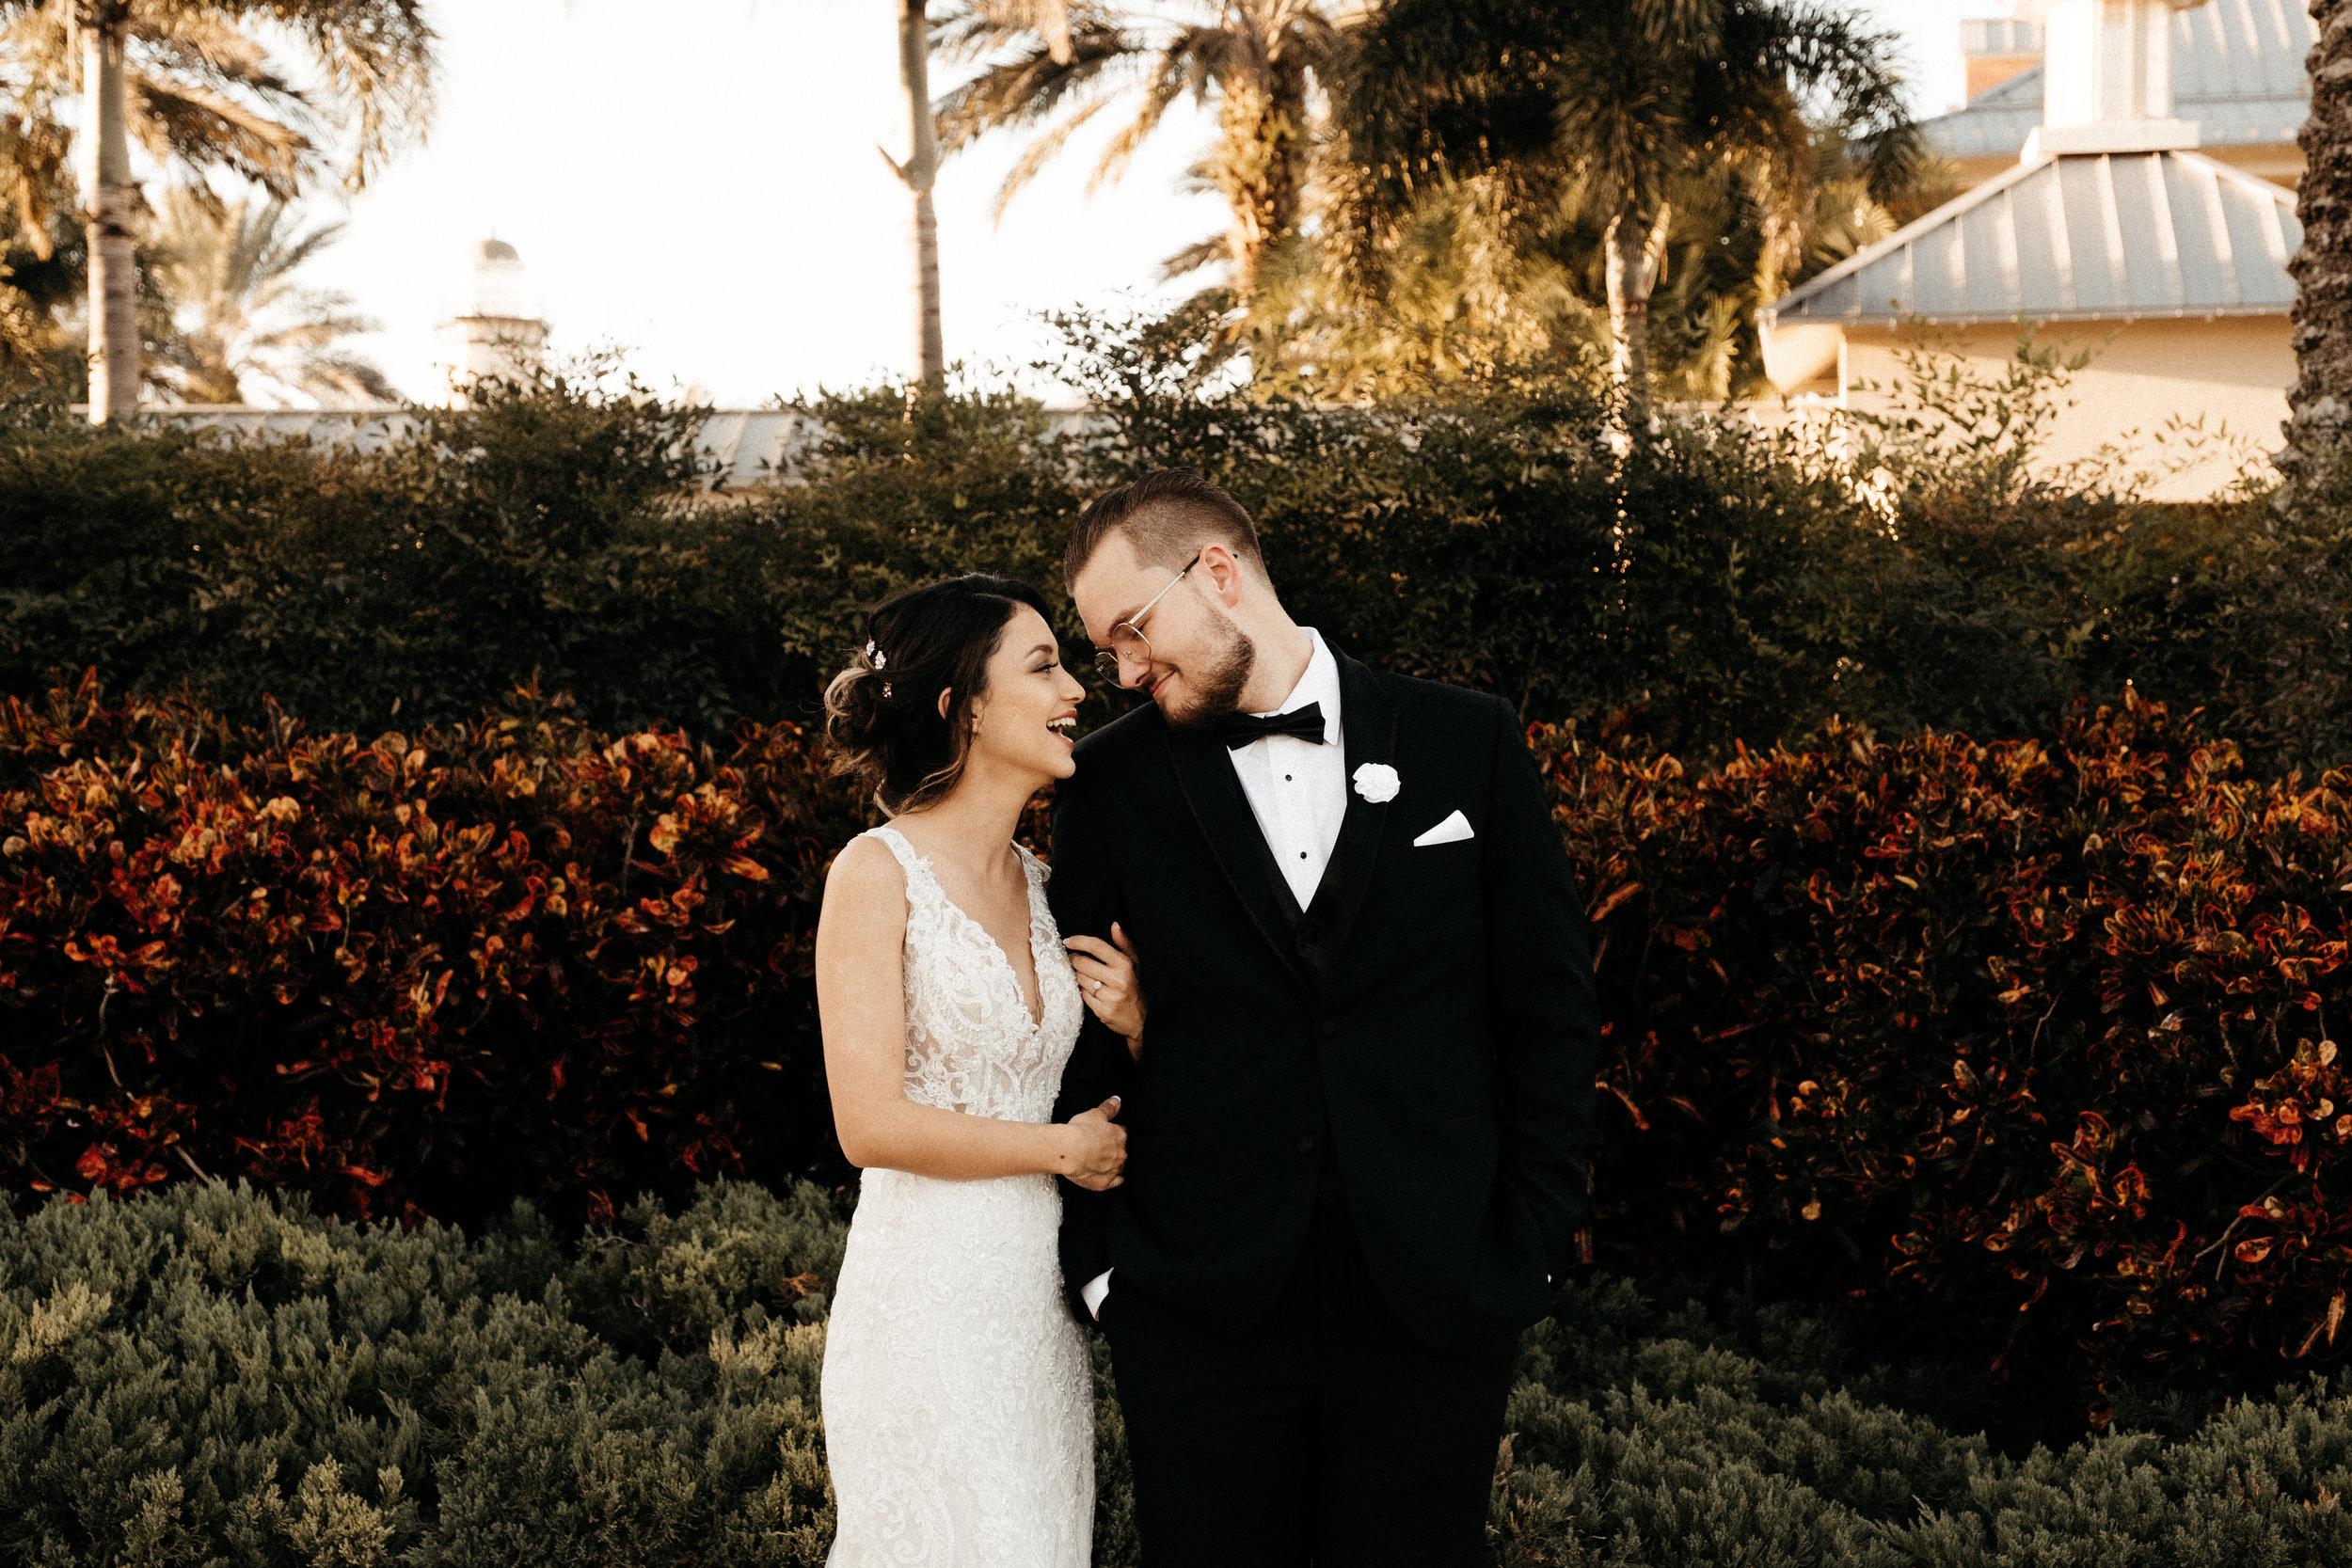 Diana + Paul | Tampa